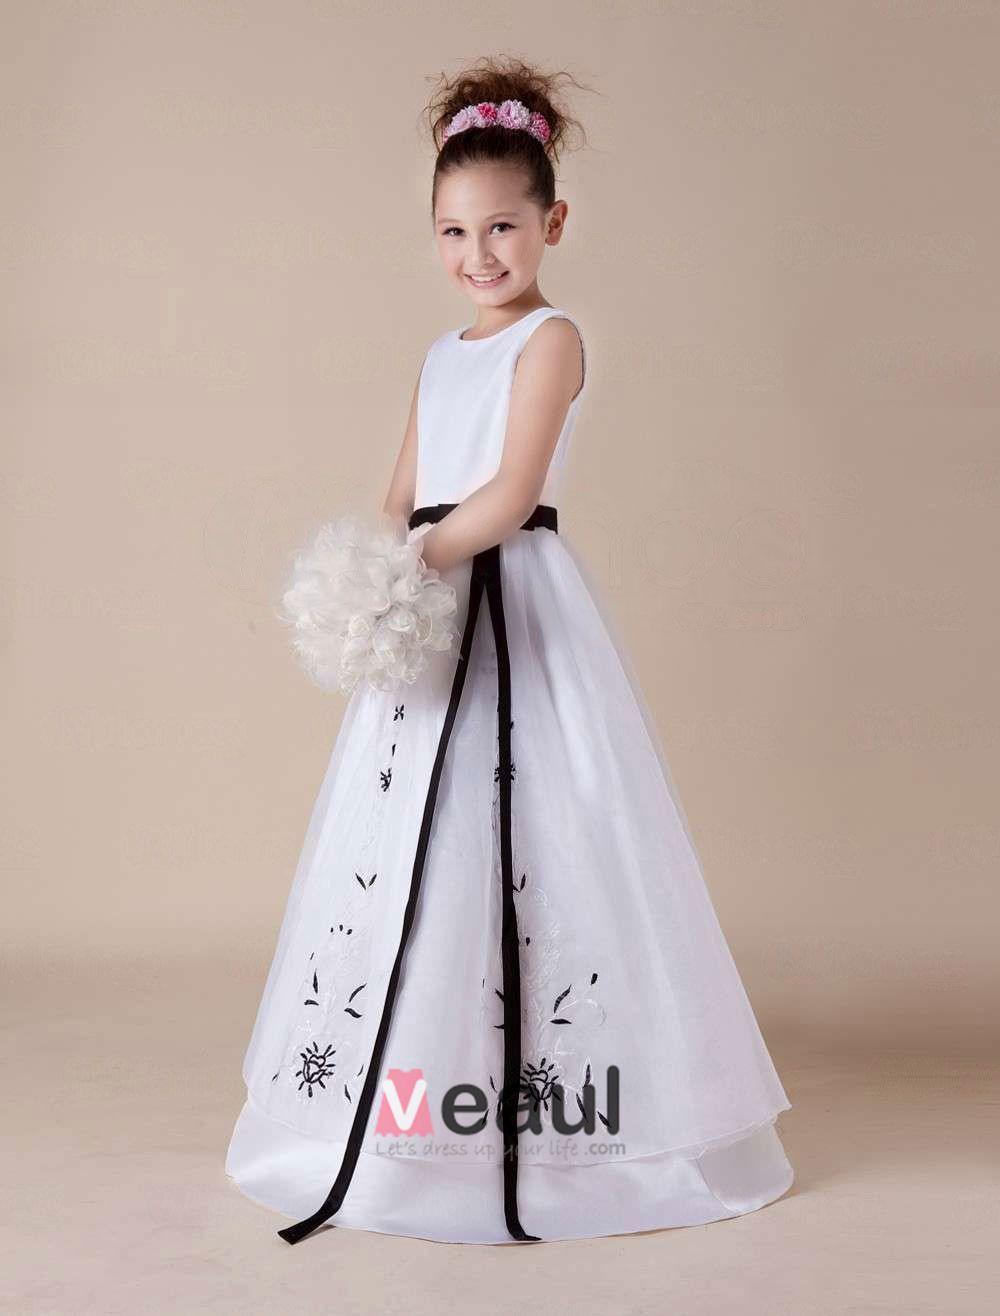 Robe de ceremonie blanche petite fille